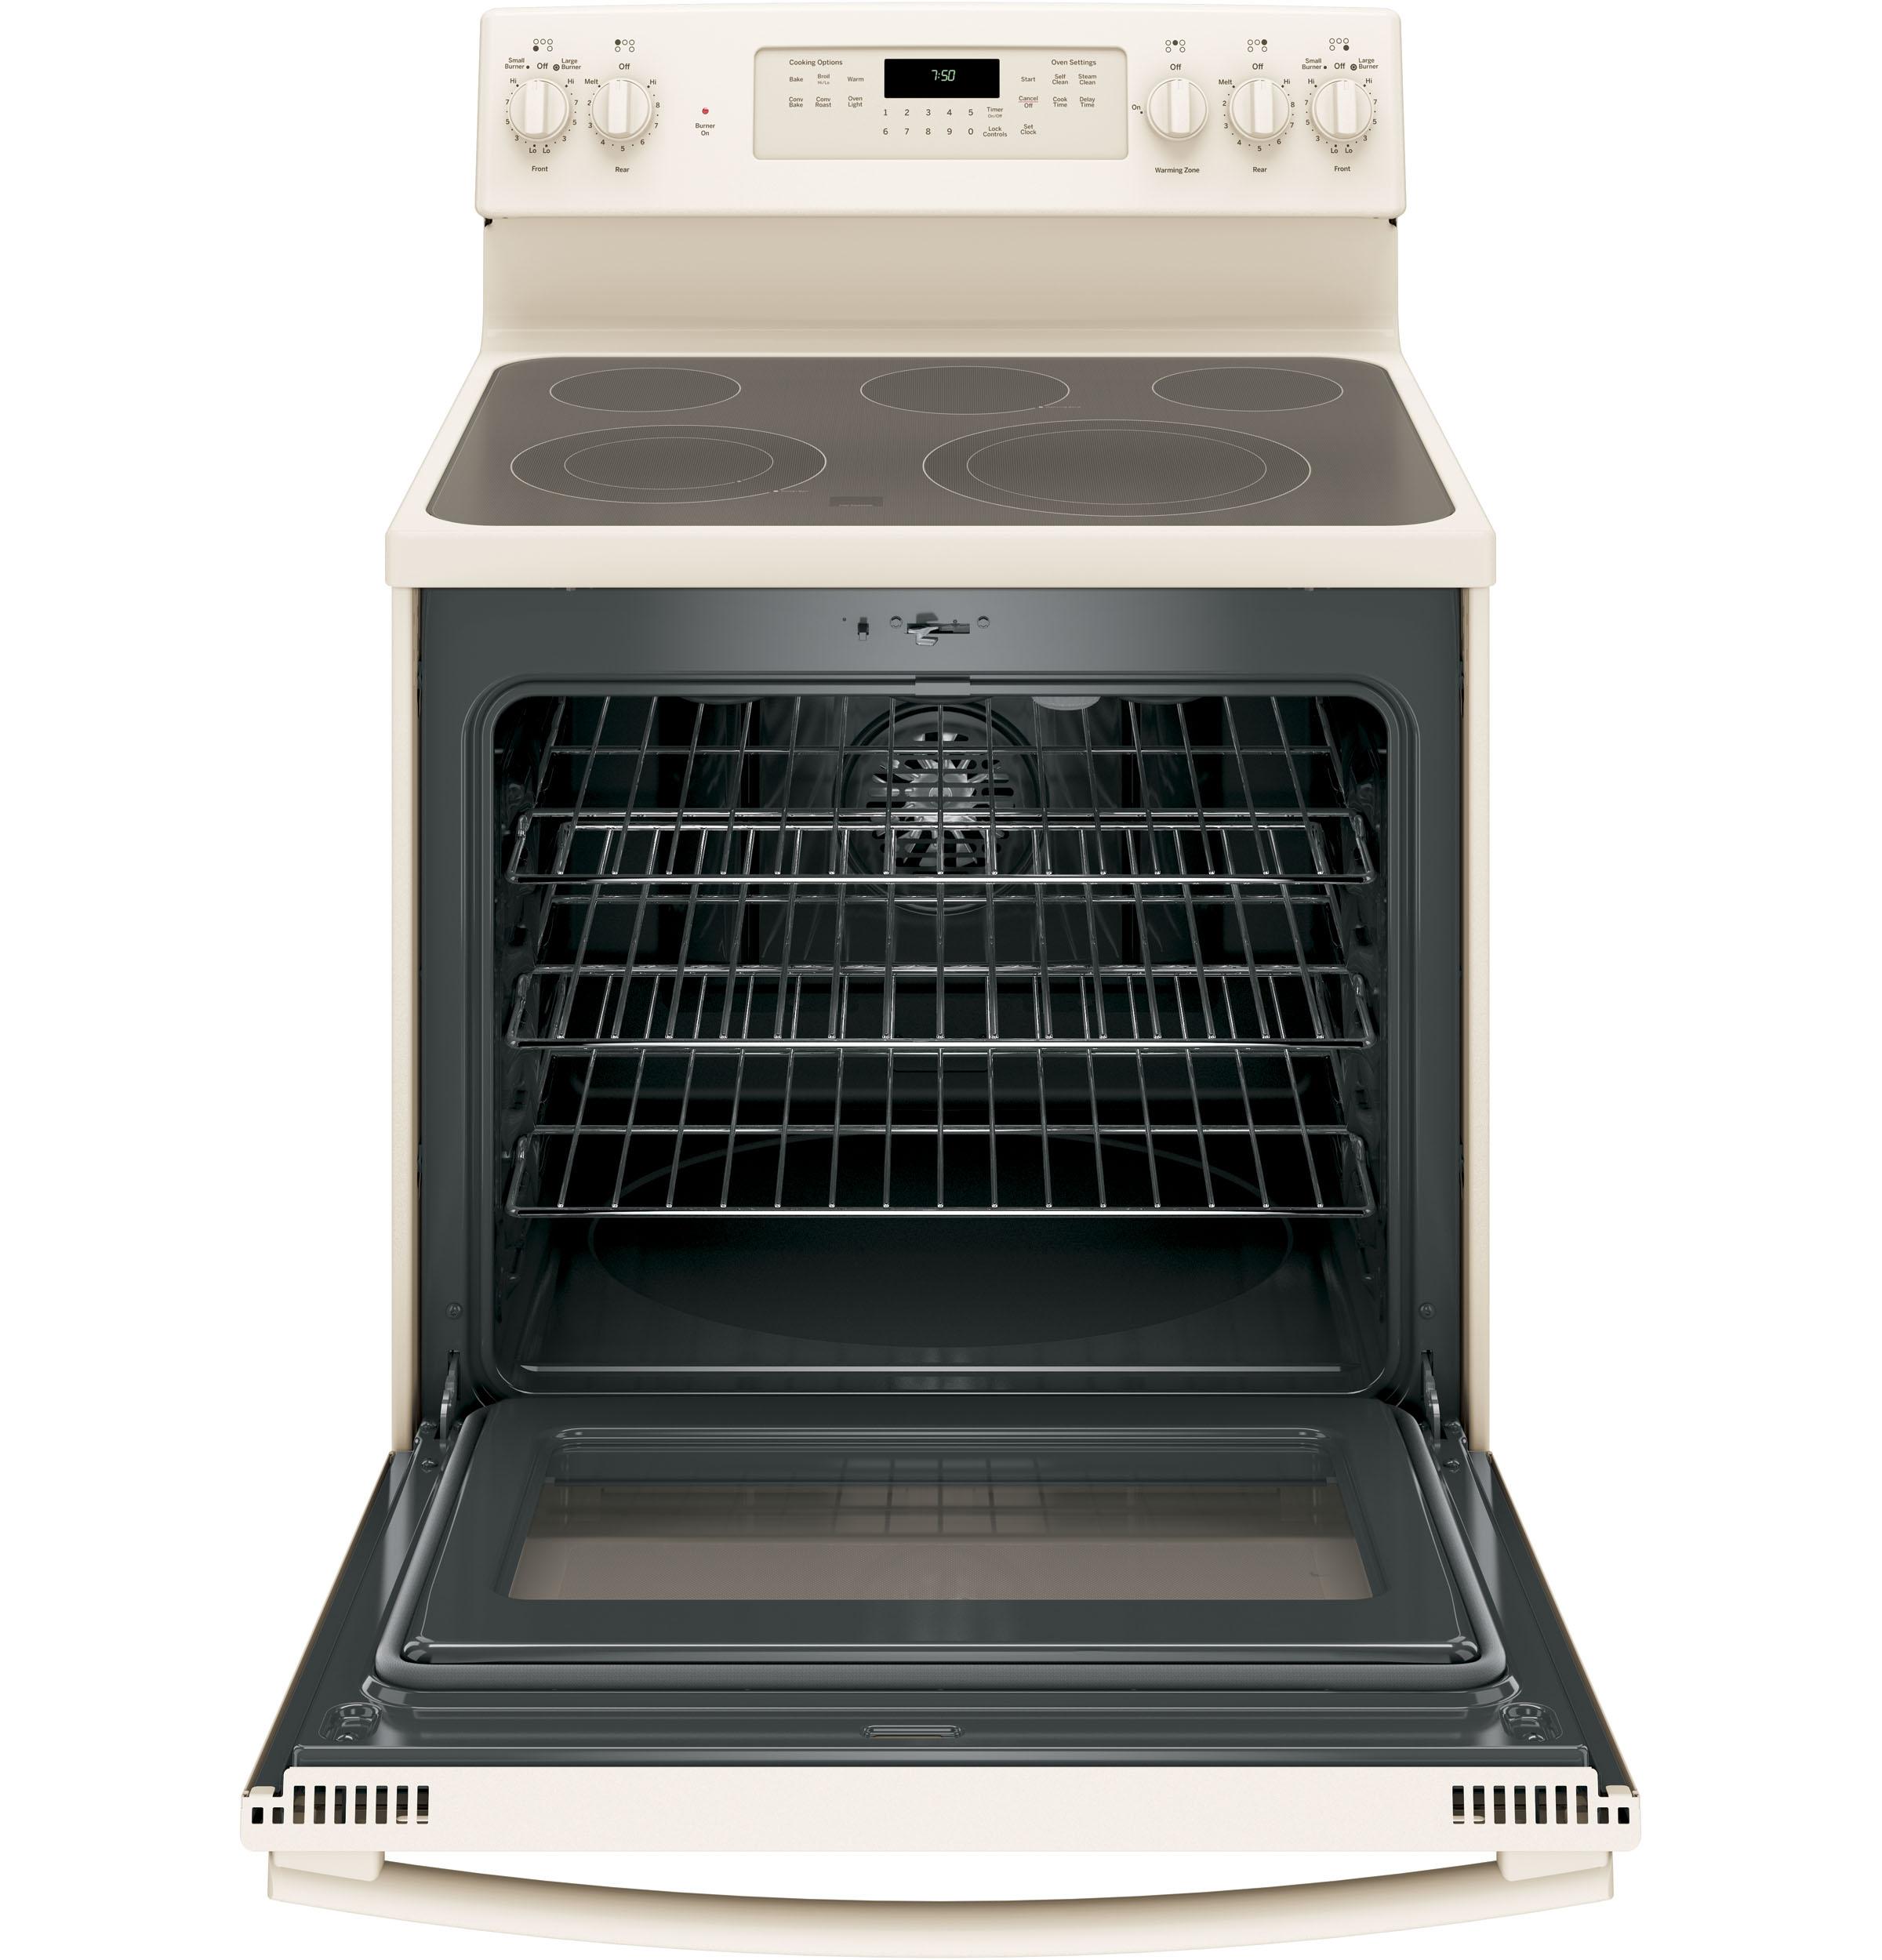 GE Appliances JB750DJCC 5.3 cu. ft. Freestanding Electric Range w/ True Convection - Bisque